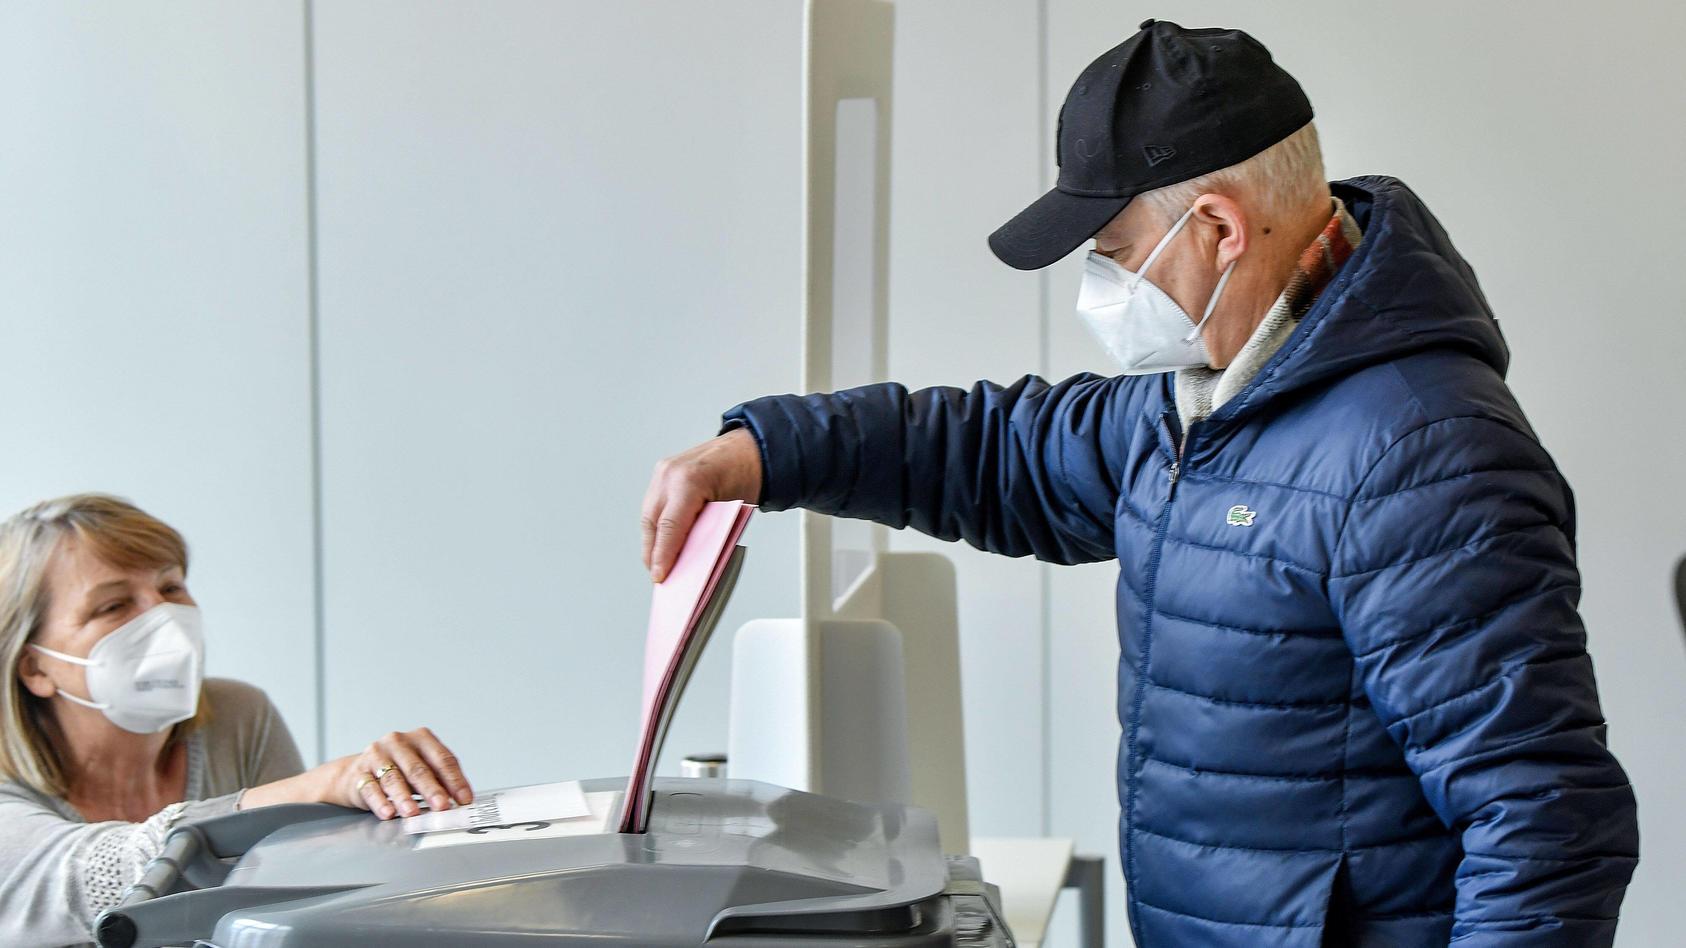 Das Kreuz mit dem Klima – was ist den Bürger das Klima-Thema an den Wahlurnen wert?